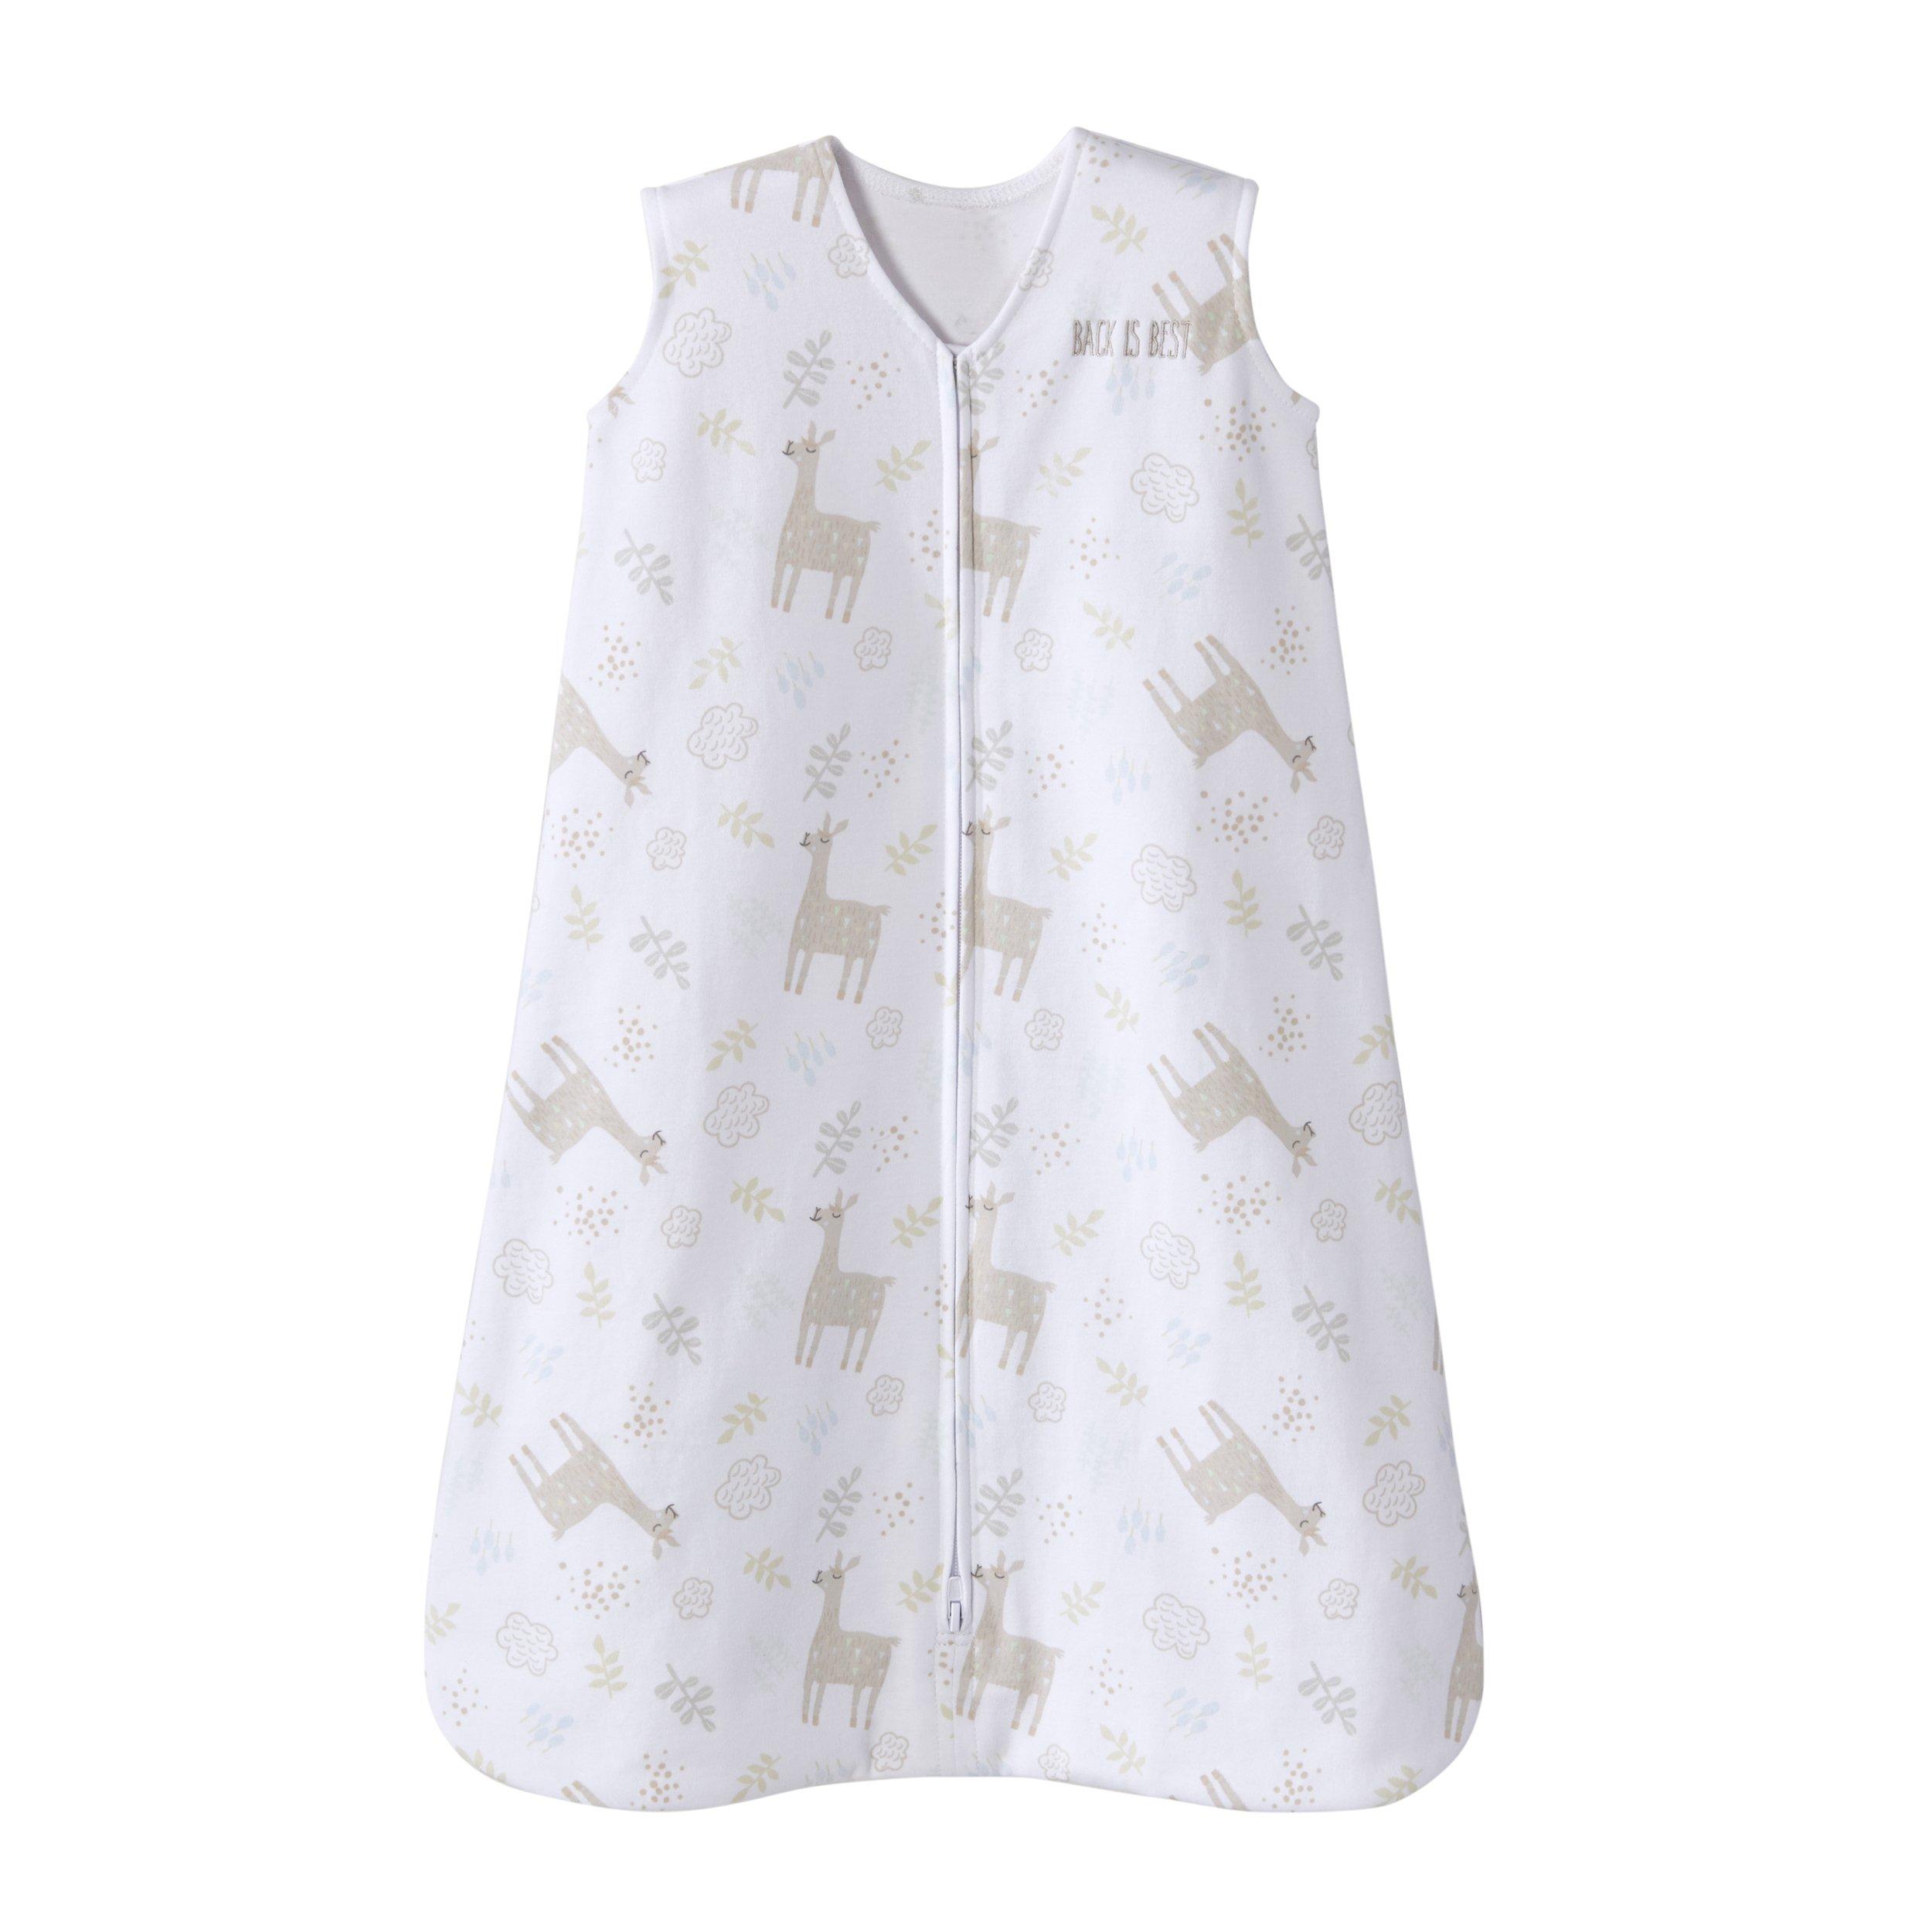 5745a00ee087 Amazon.com  Halo Sleepsack Cotton Wearable Blanket